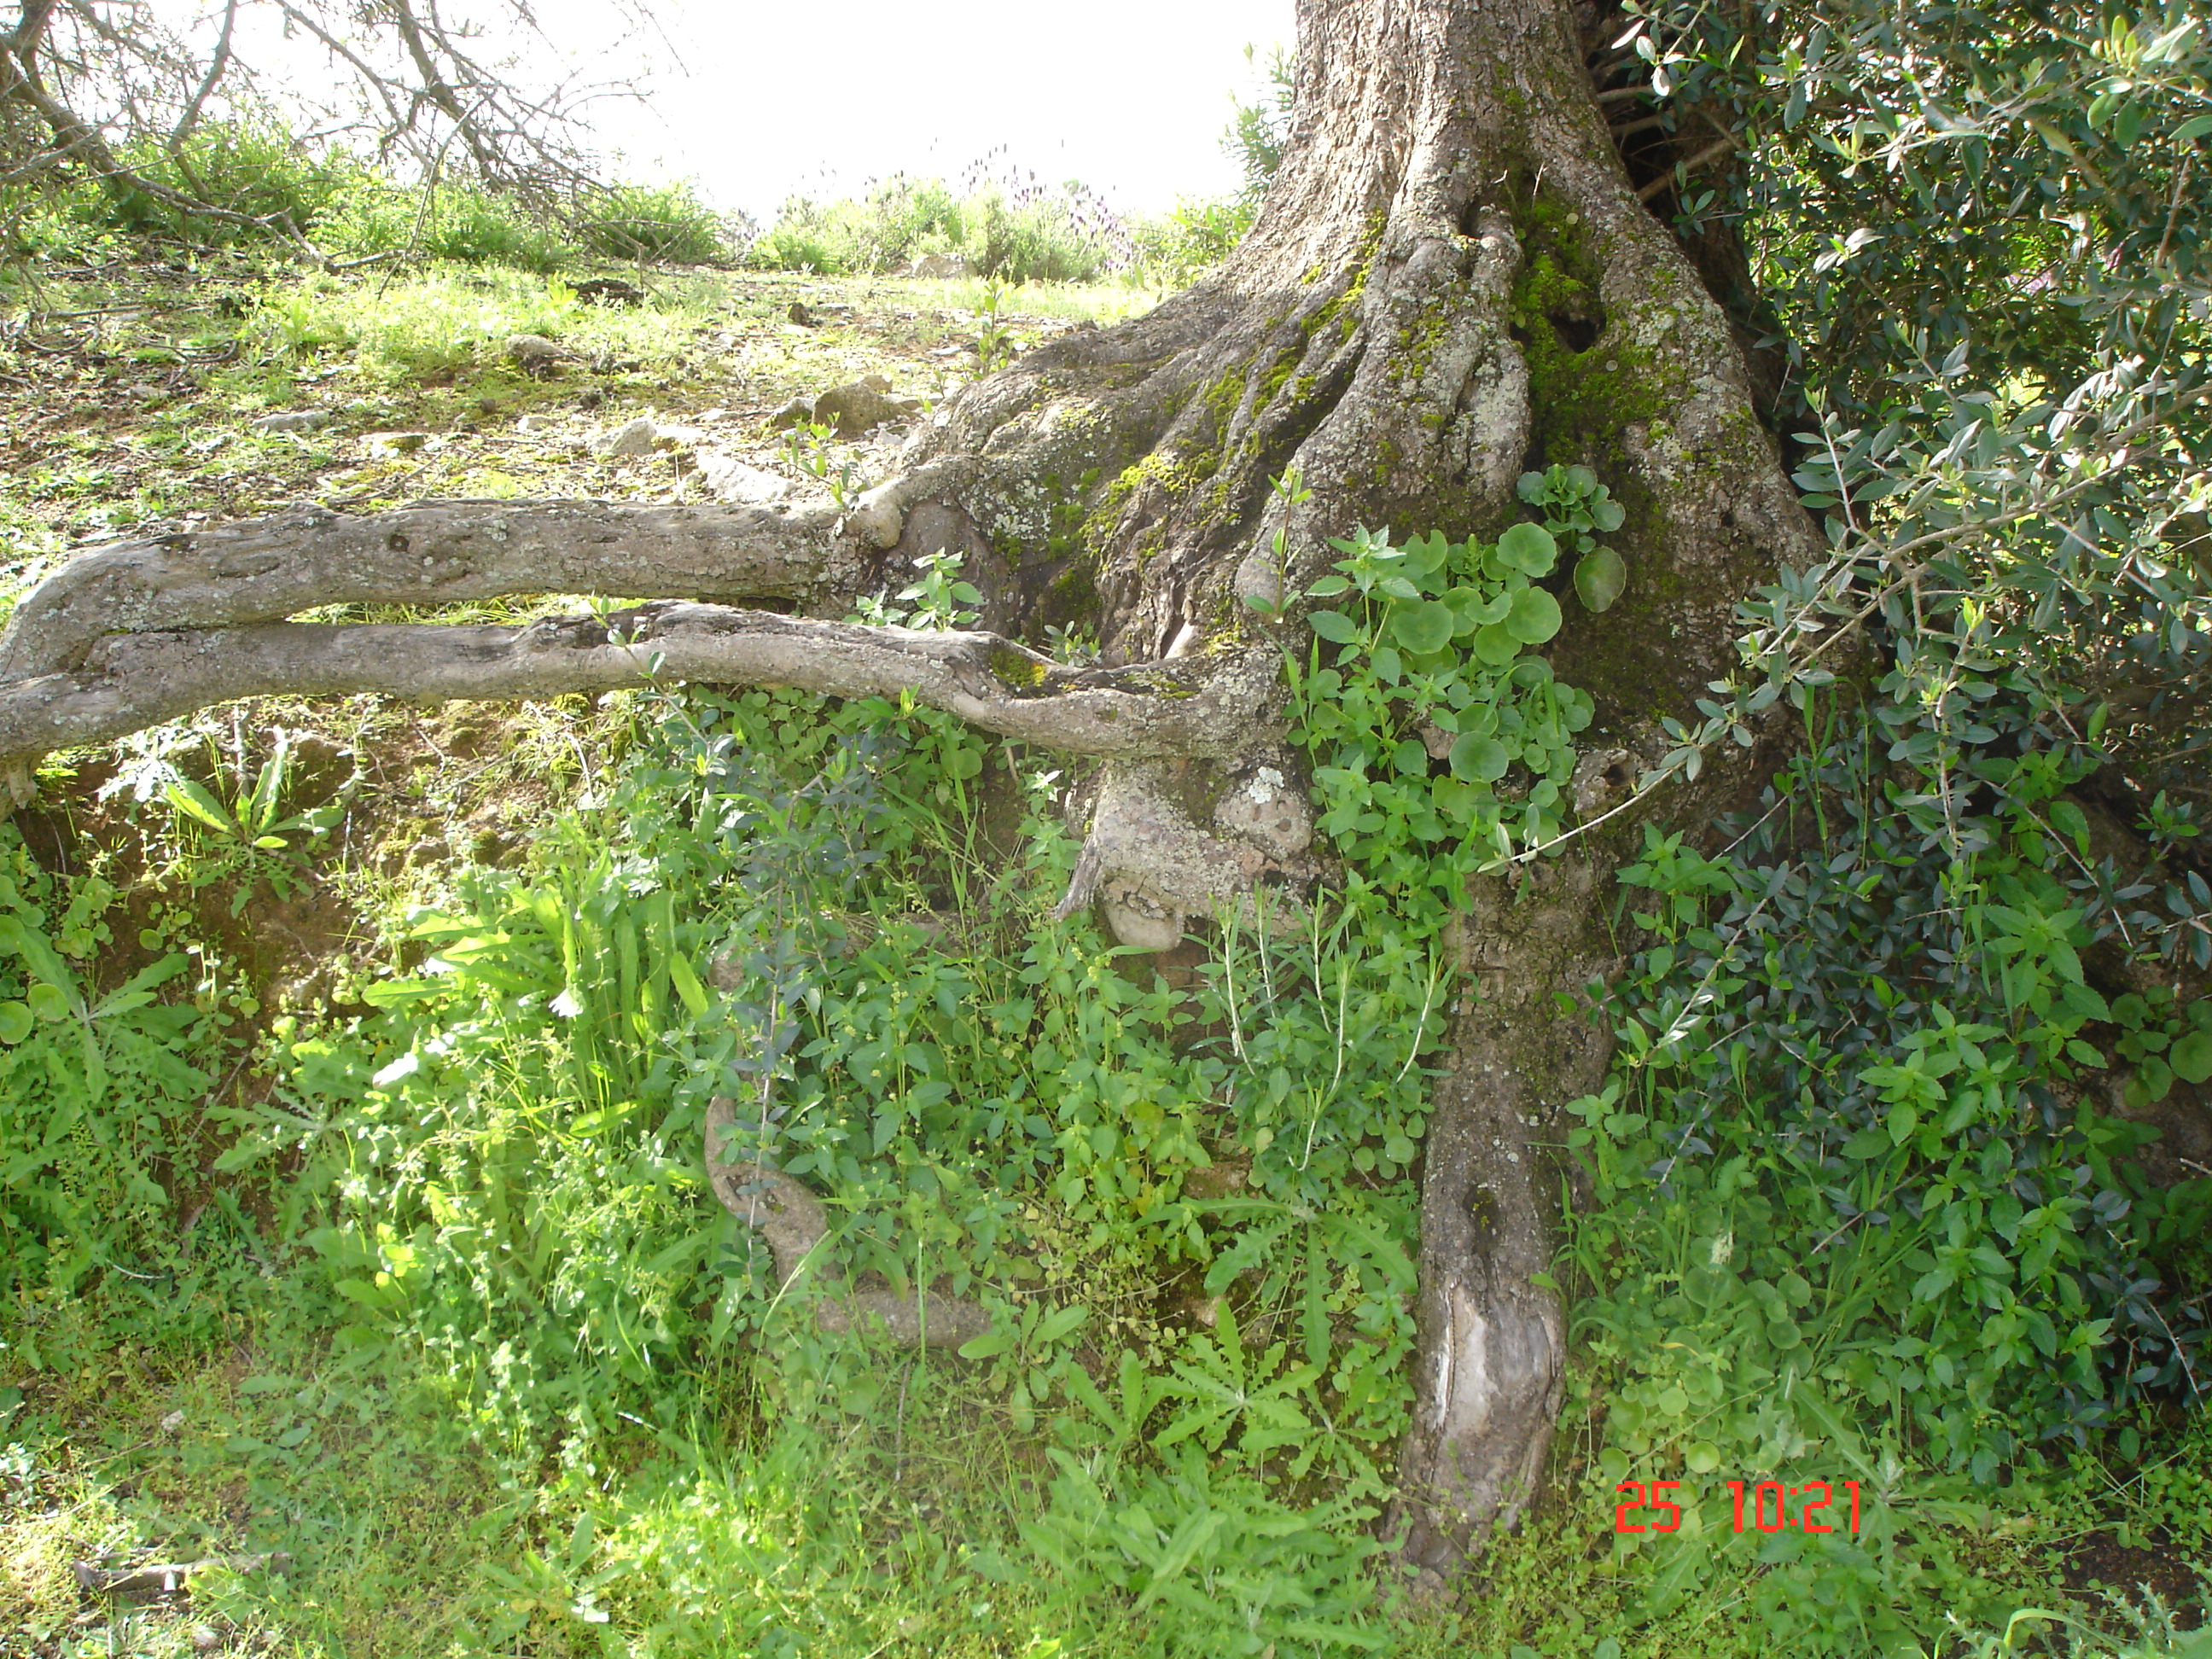 raíces | El bosque silencioso